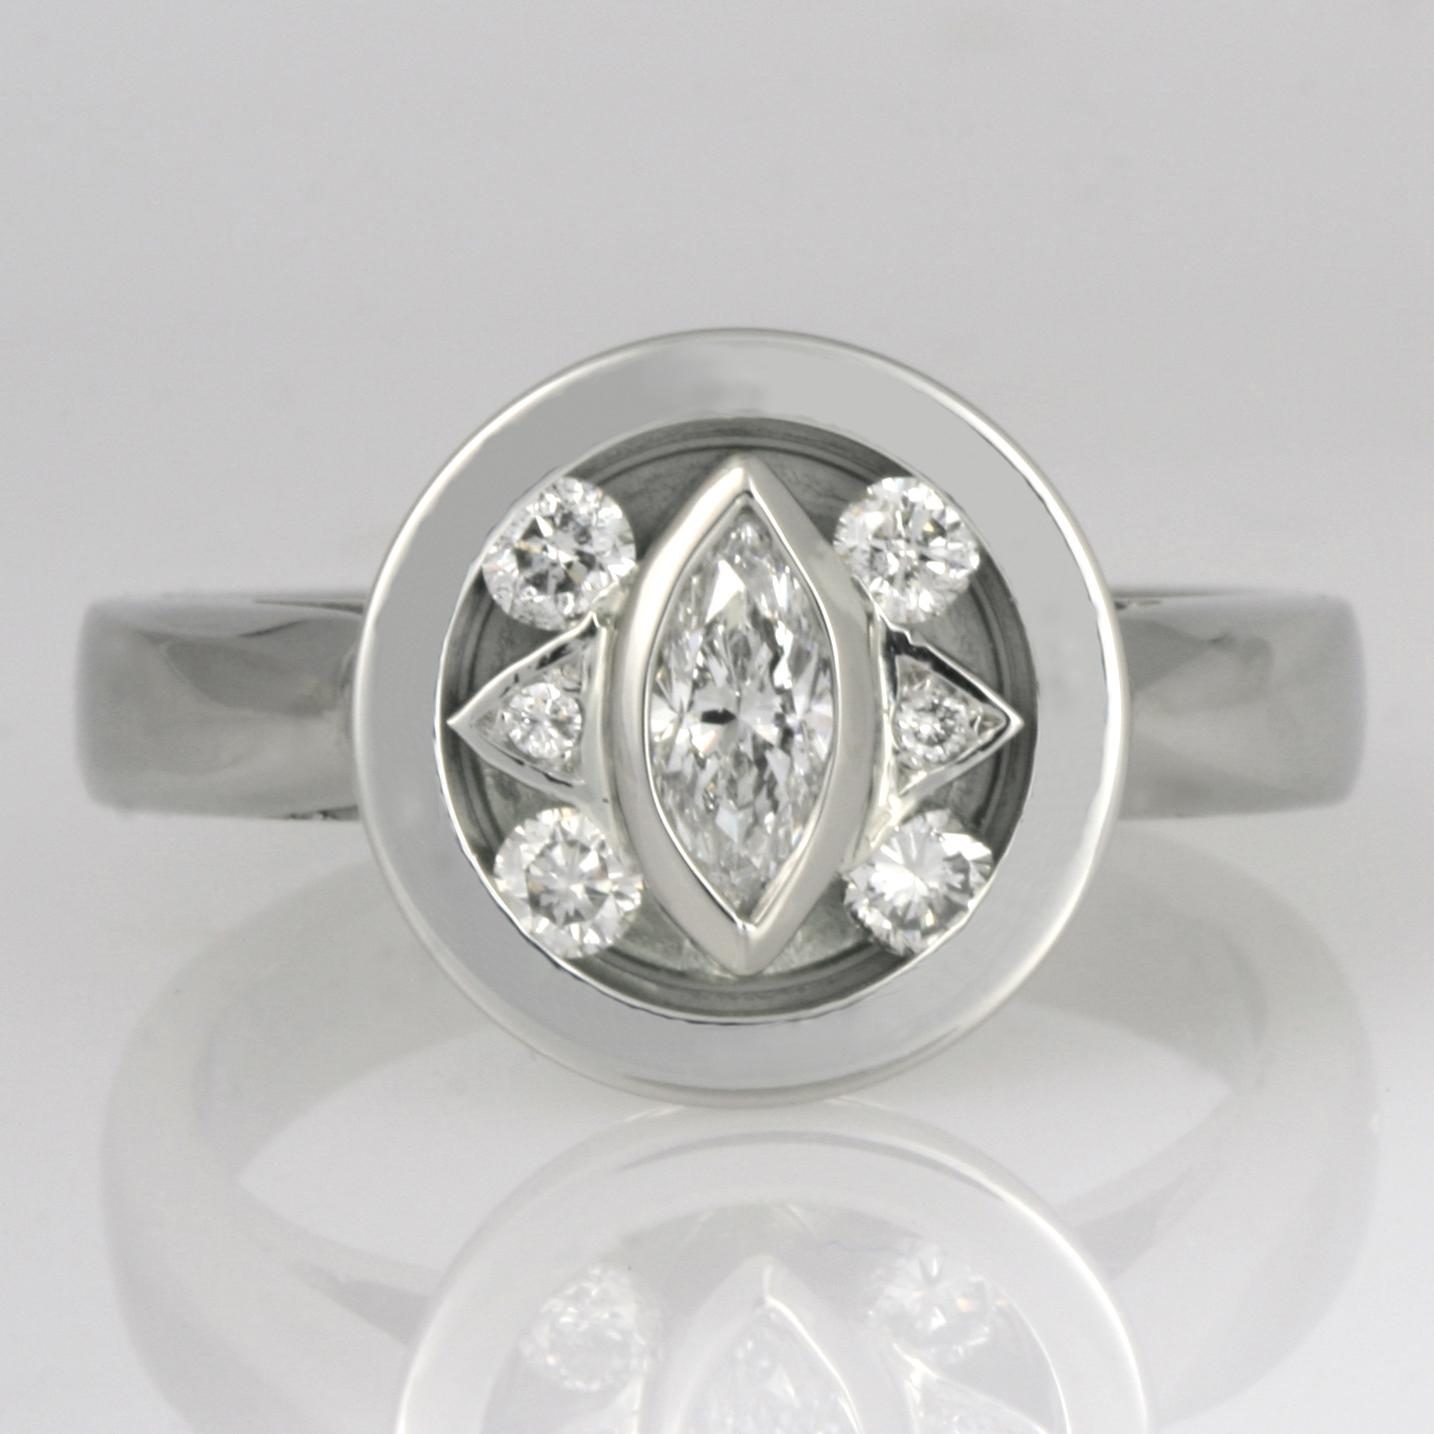 Handmade ladies palladium and white gold diamond ring